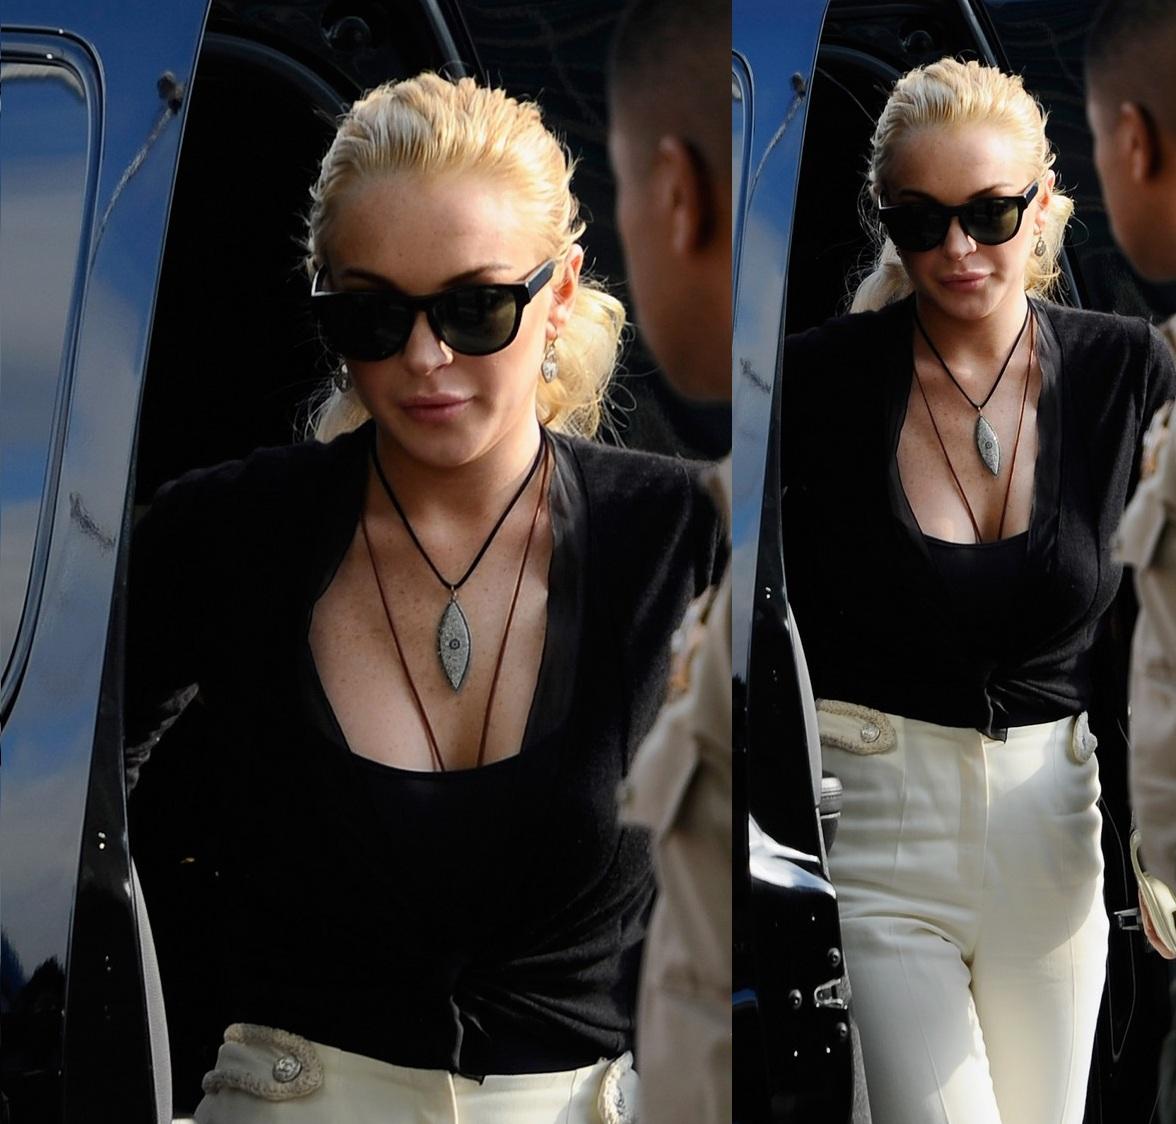 http://1.bp.blogspot.com/-4_-PvDjEyOw/TWXqa5WCOQI/AAAAAAAAFic/_SrHjv0lXLI/s1600/Lindsay+Lohan%2527s+Eye+Necklace+At+Court.jpg